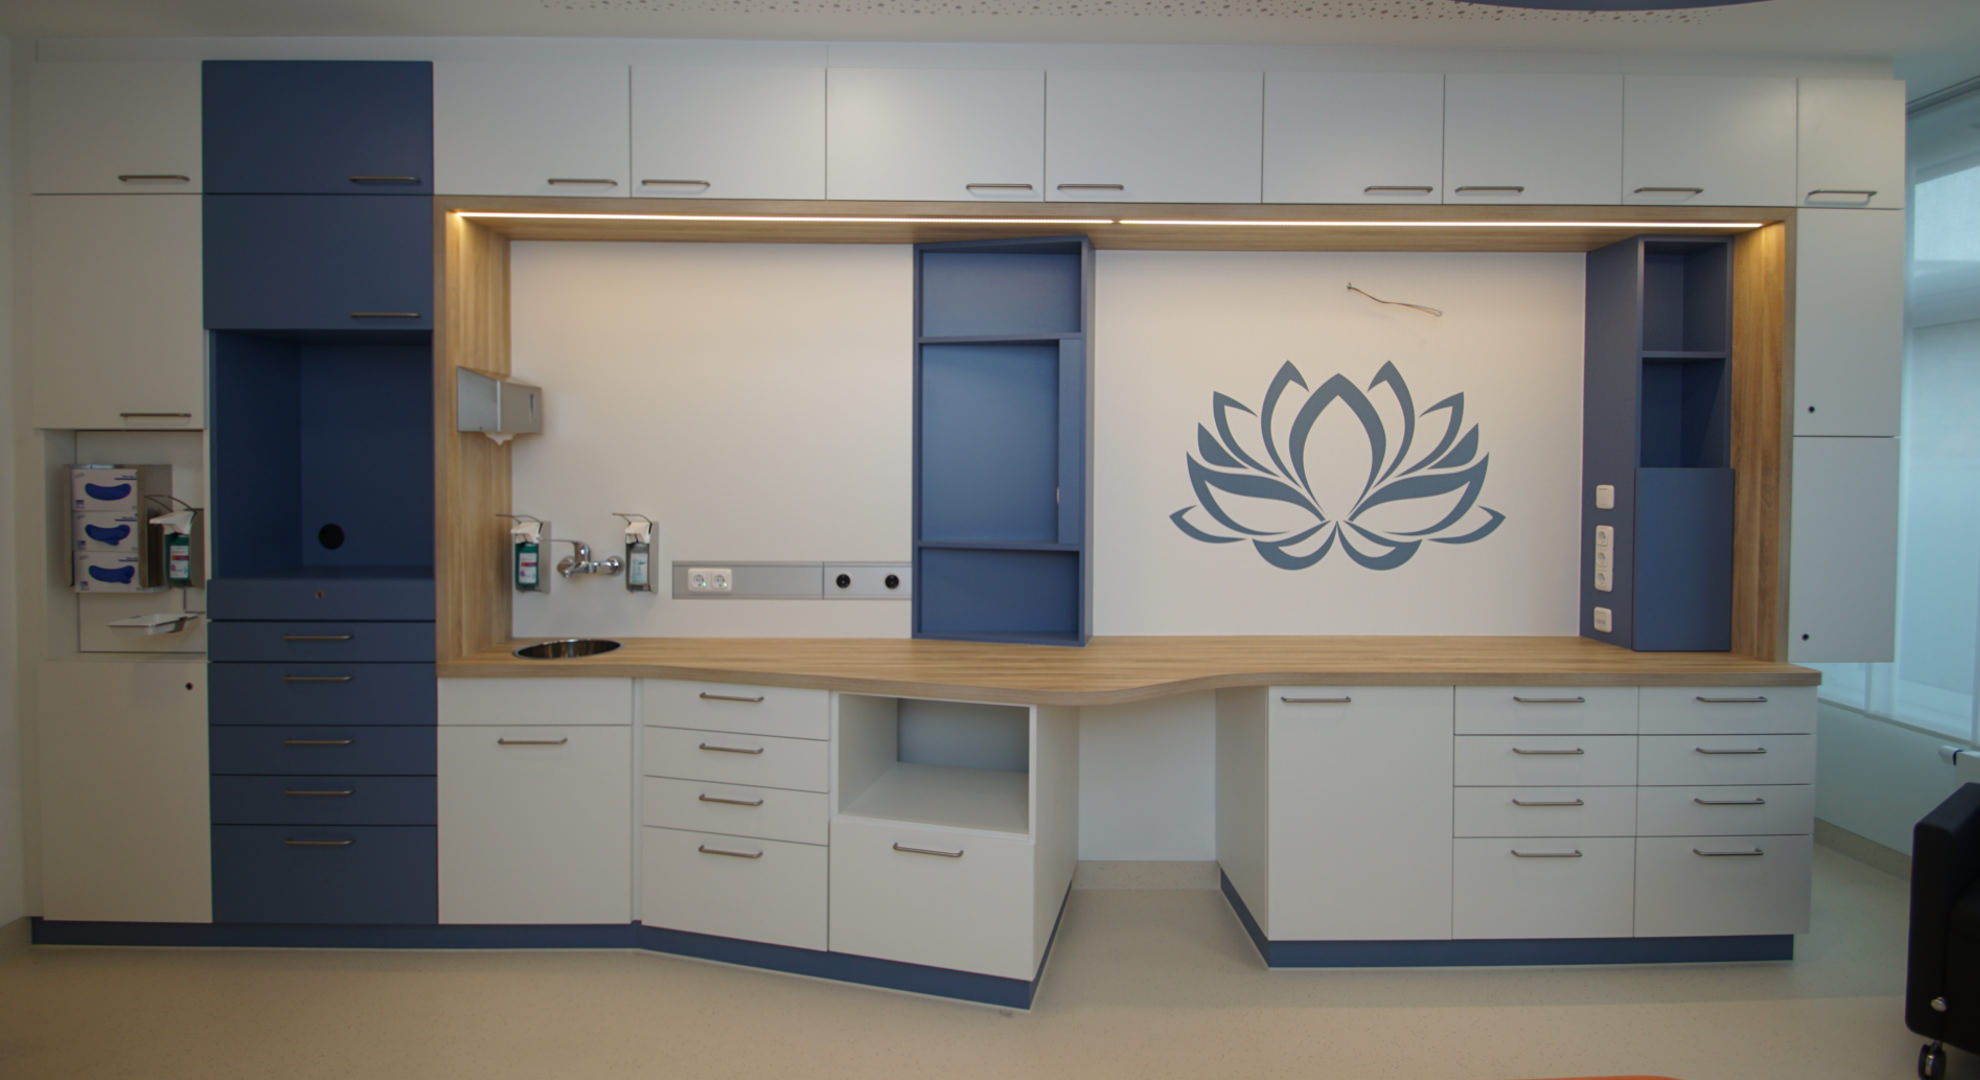 Patientenzimmer im Kreissaal nach modernem farblichem Konzept